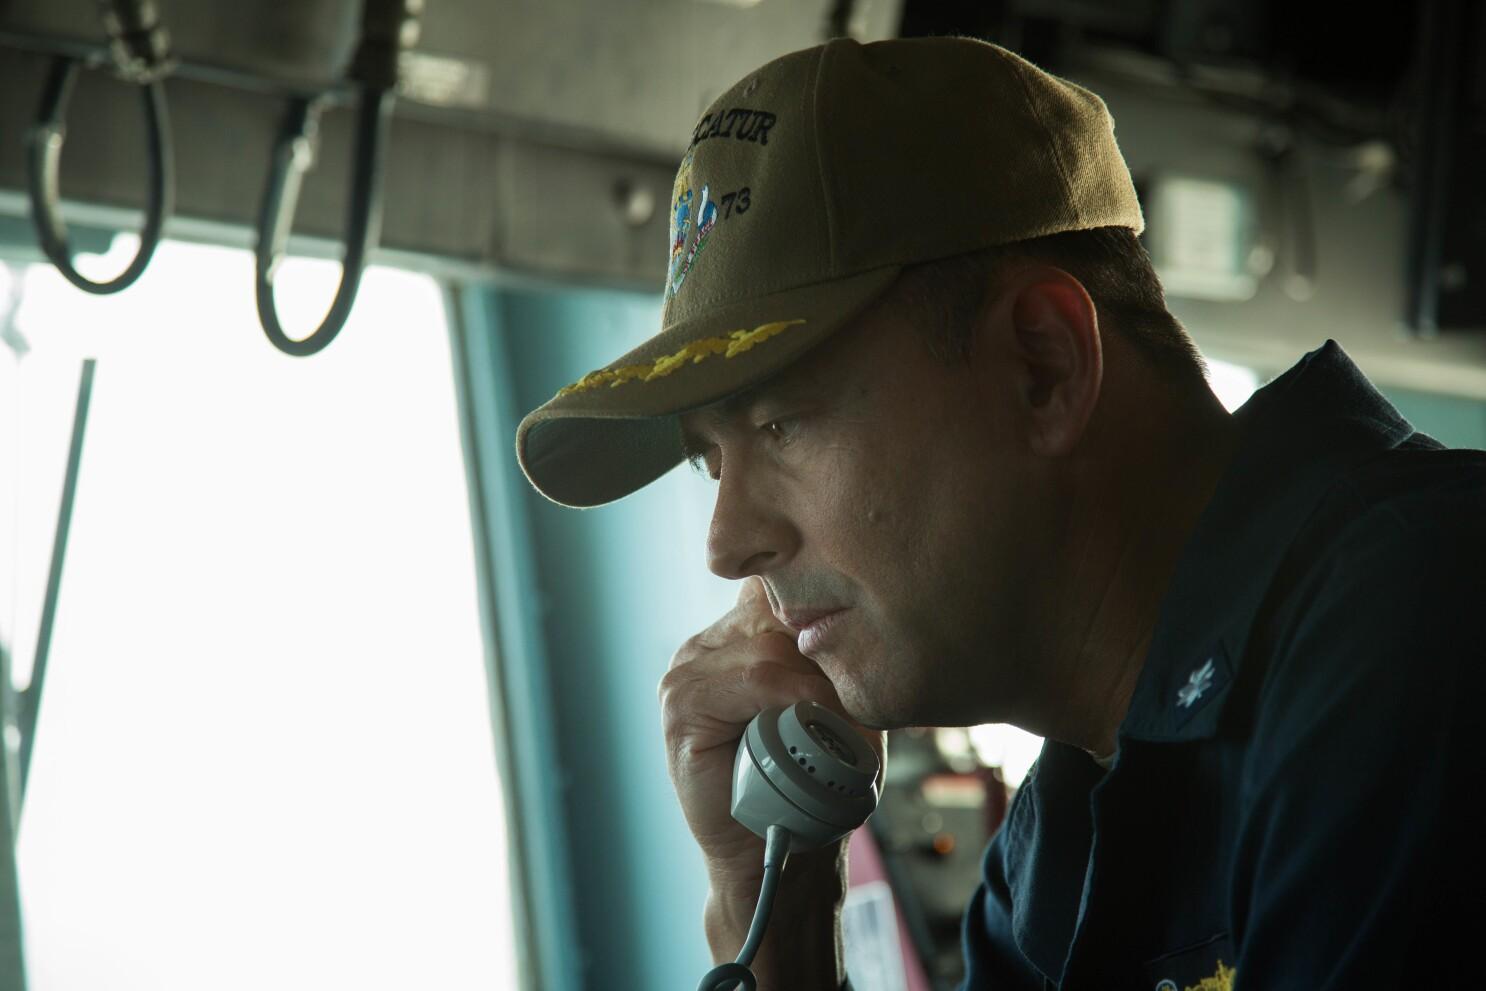 San Diego destroyer commander fired